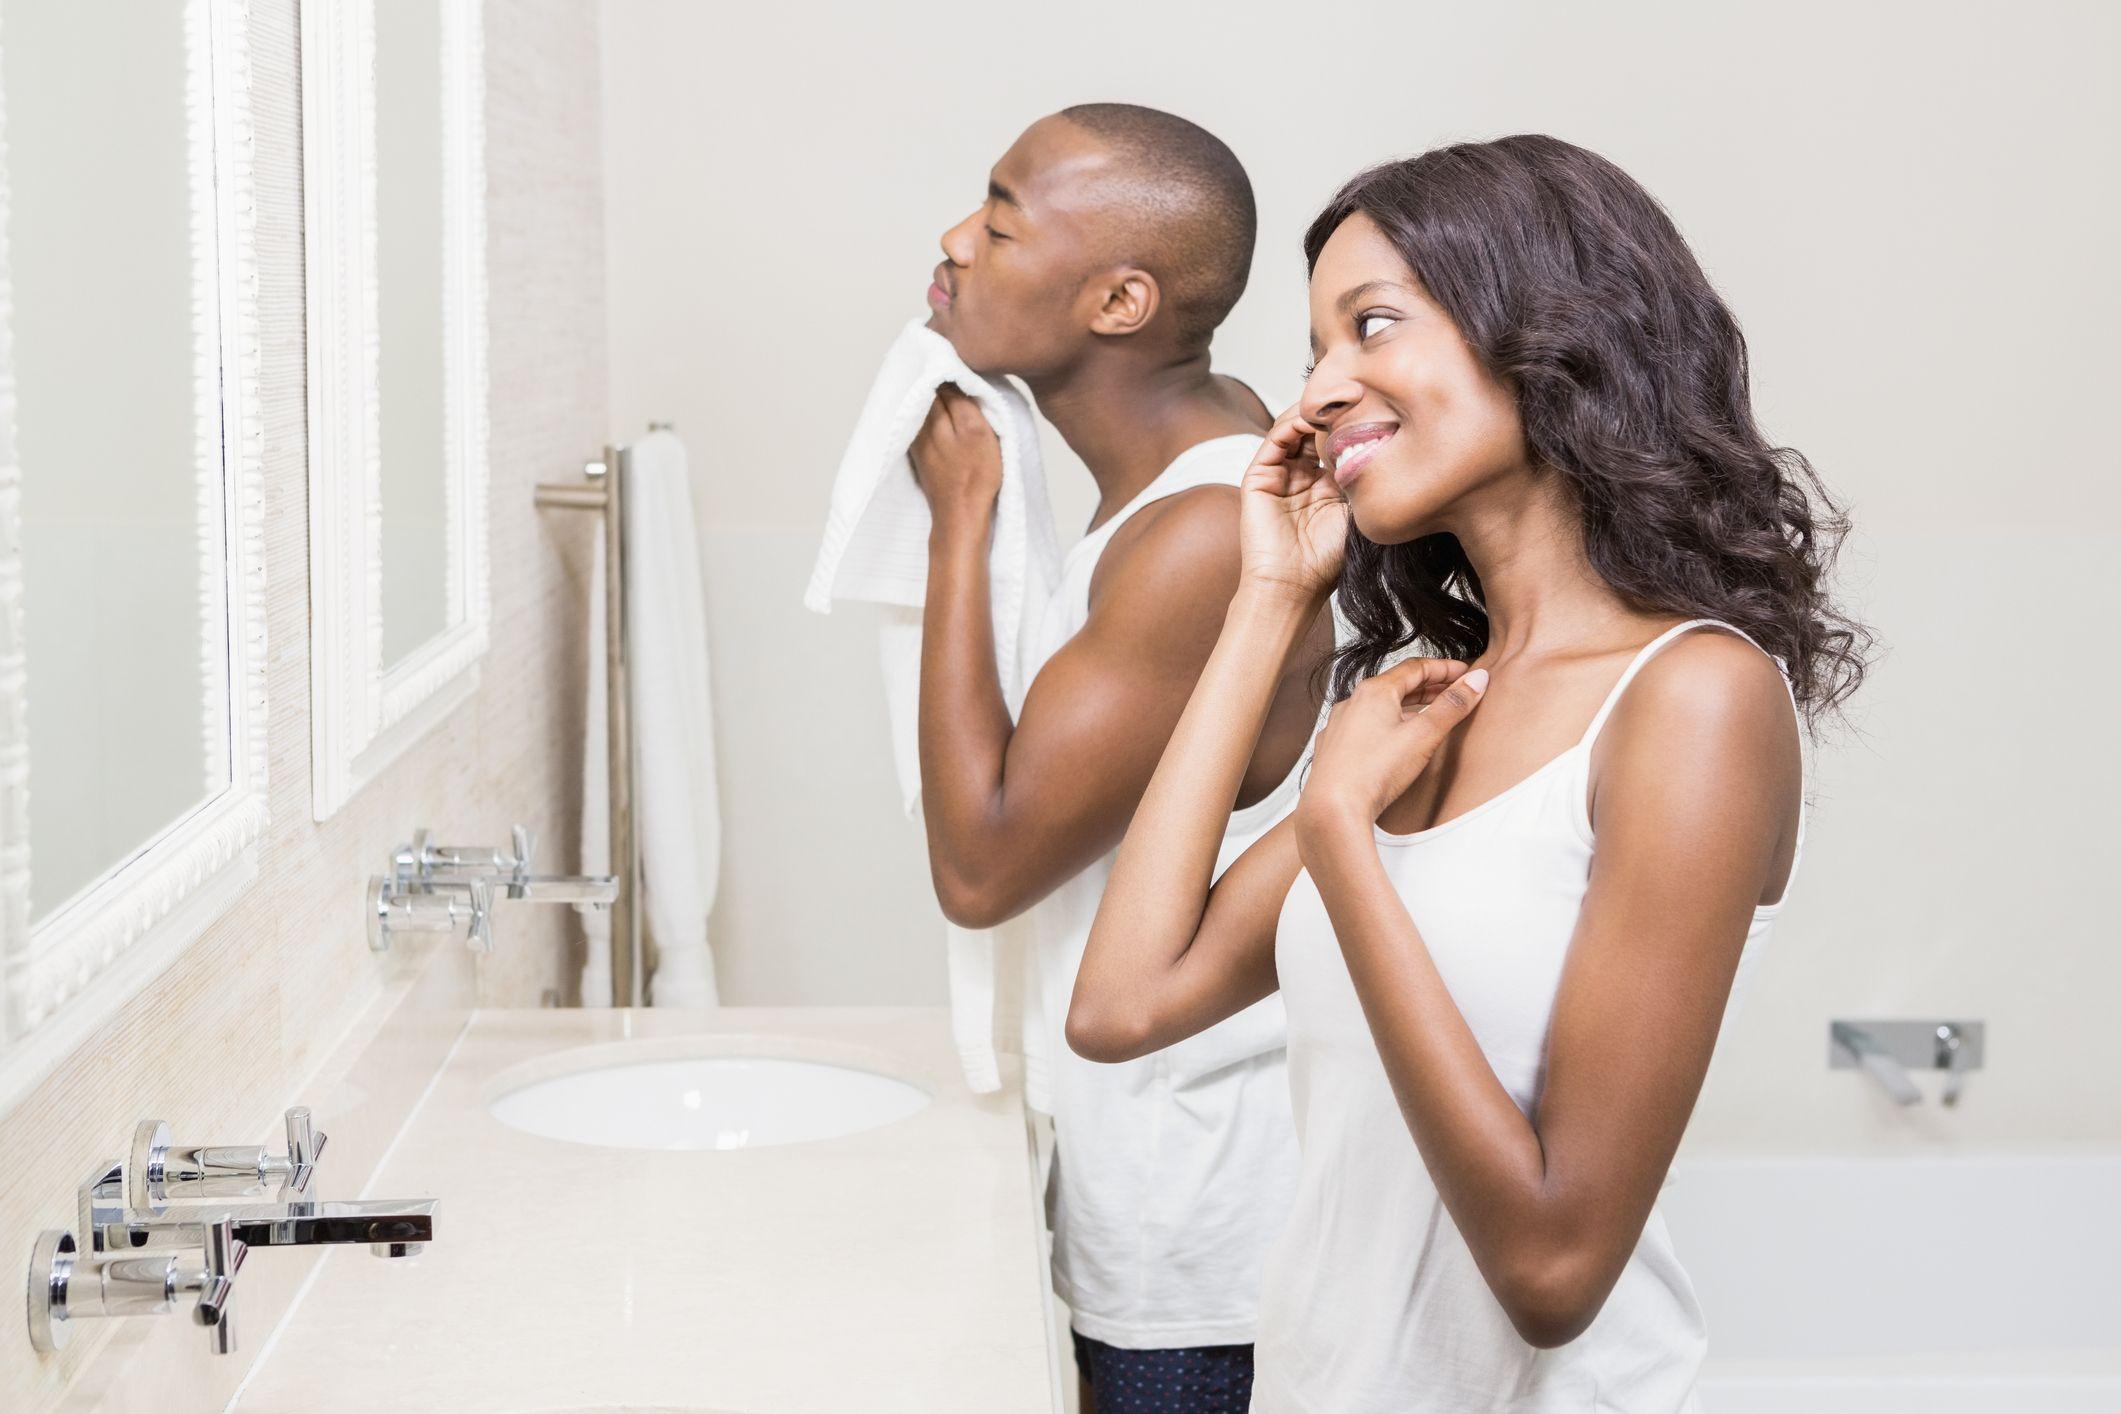 couple-mirror-stock